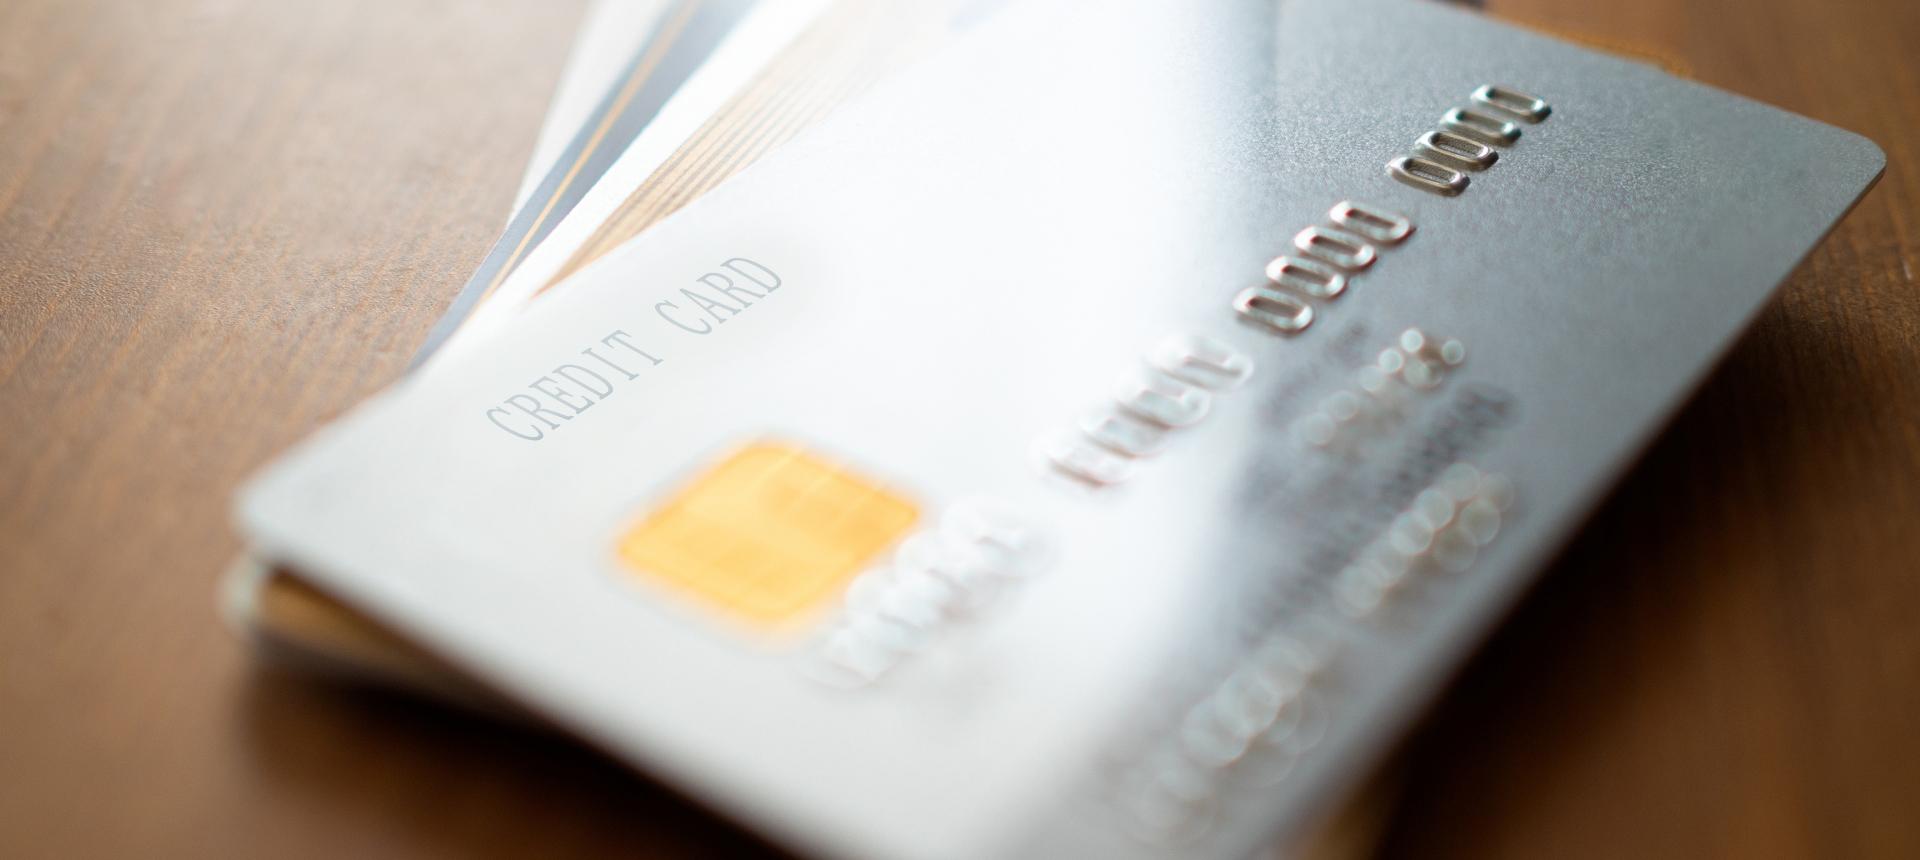 VISA、Mastercard、JCBを使ってカジノシークレットへの入金方法